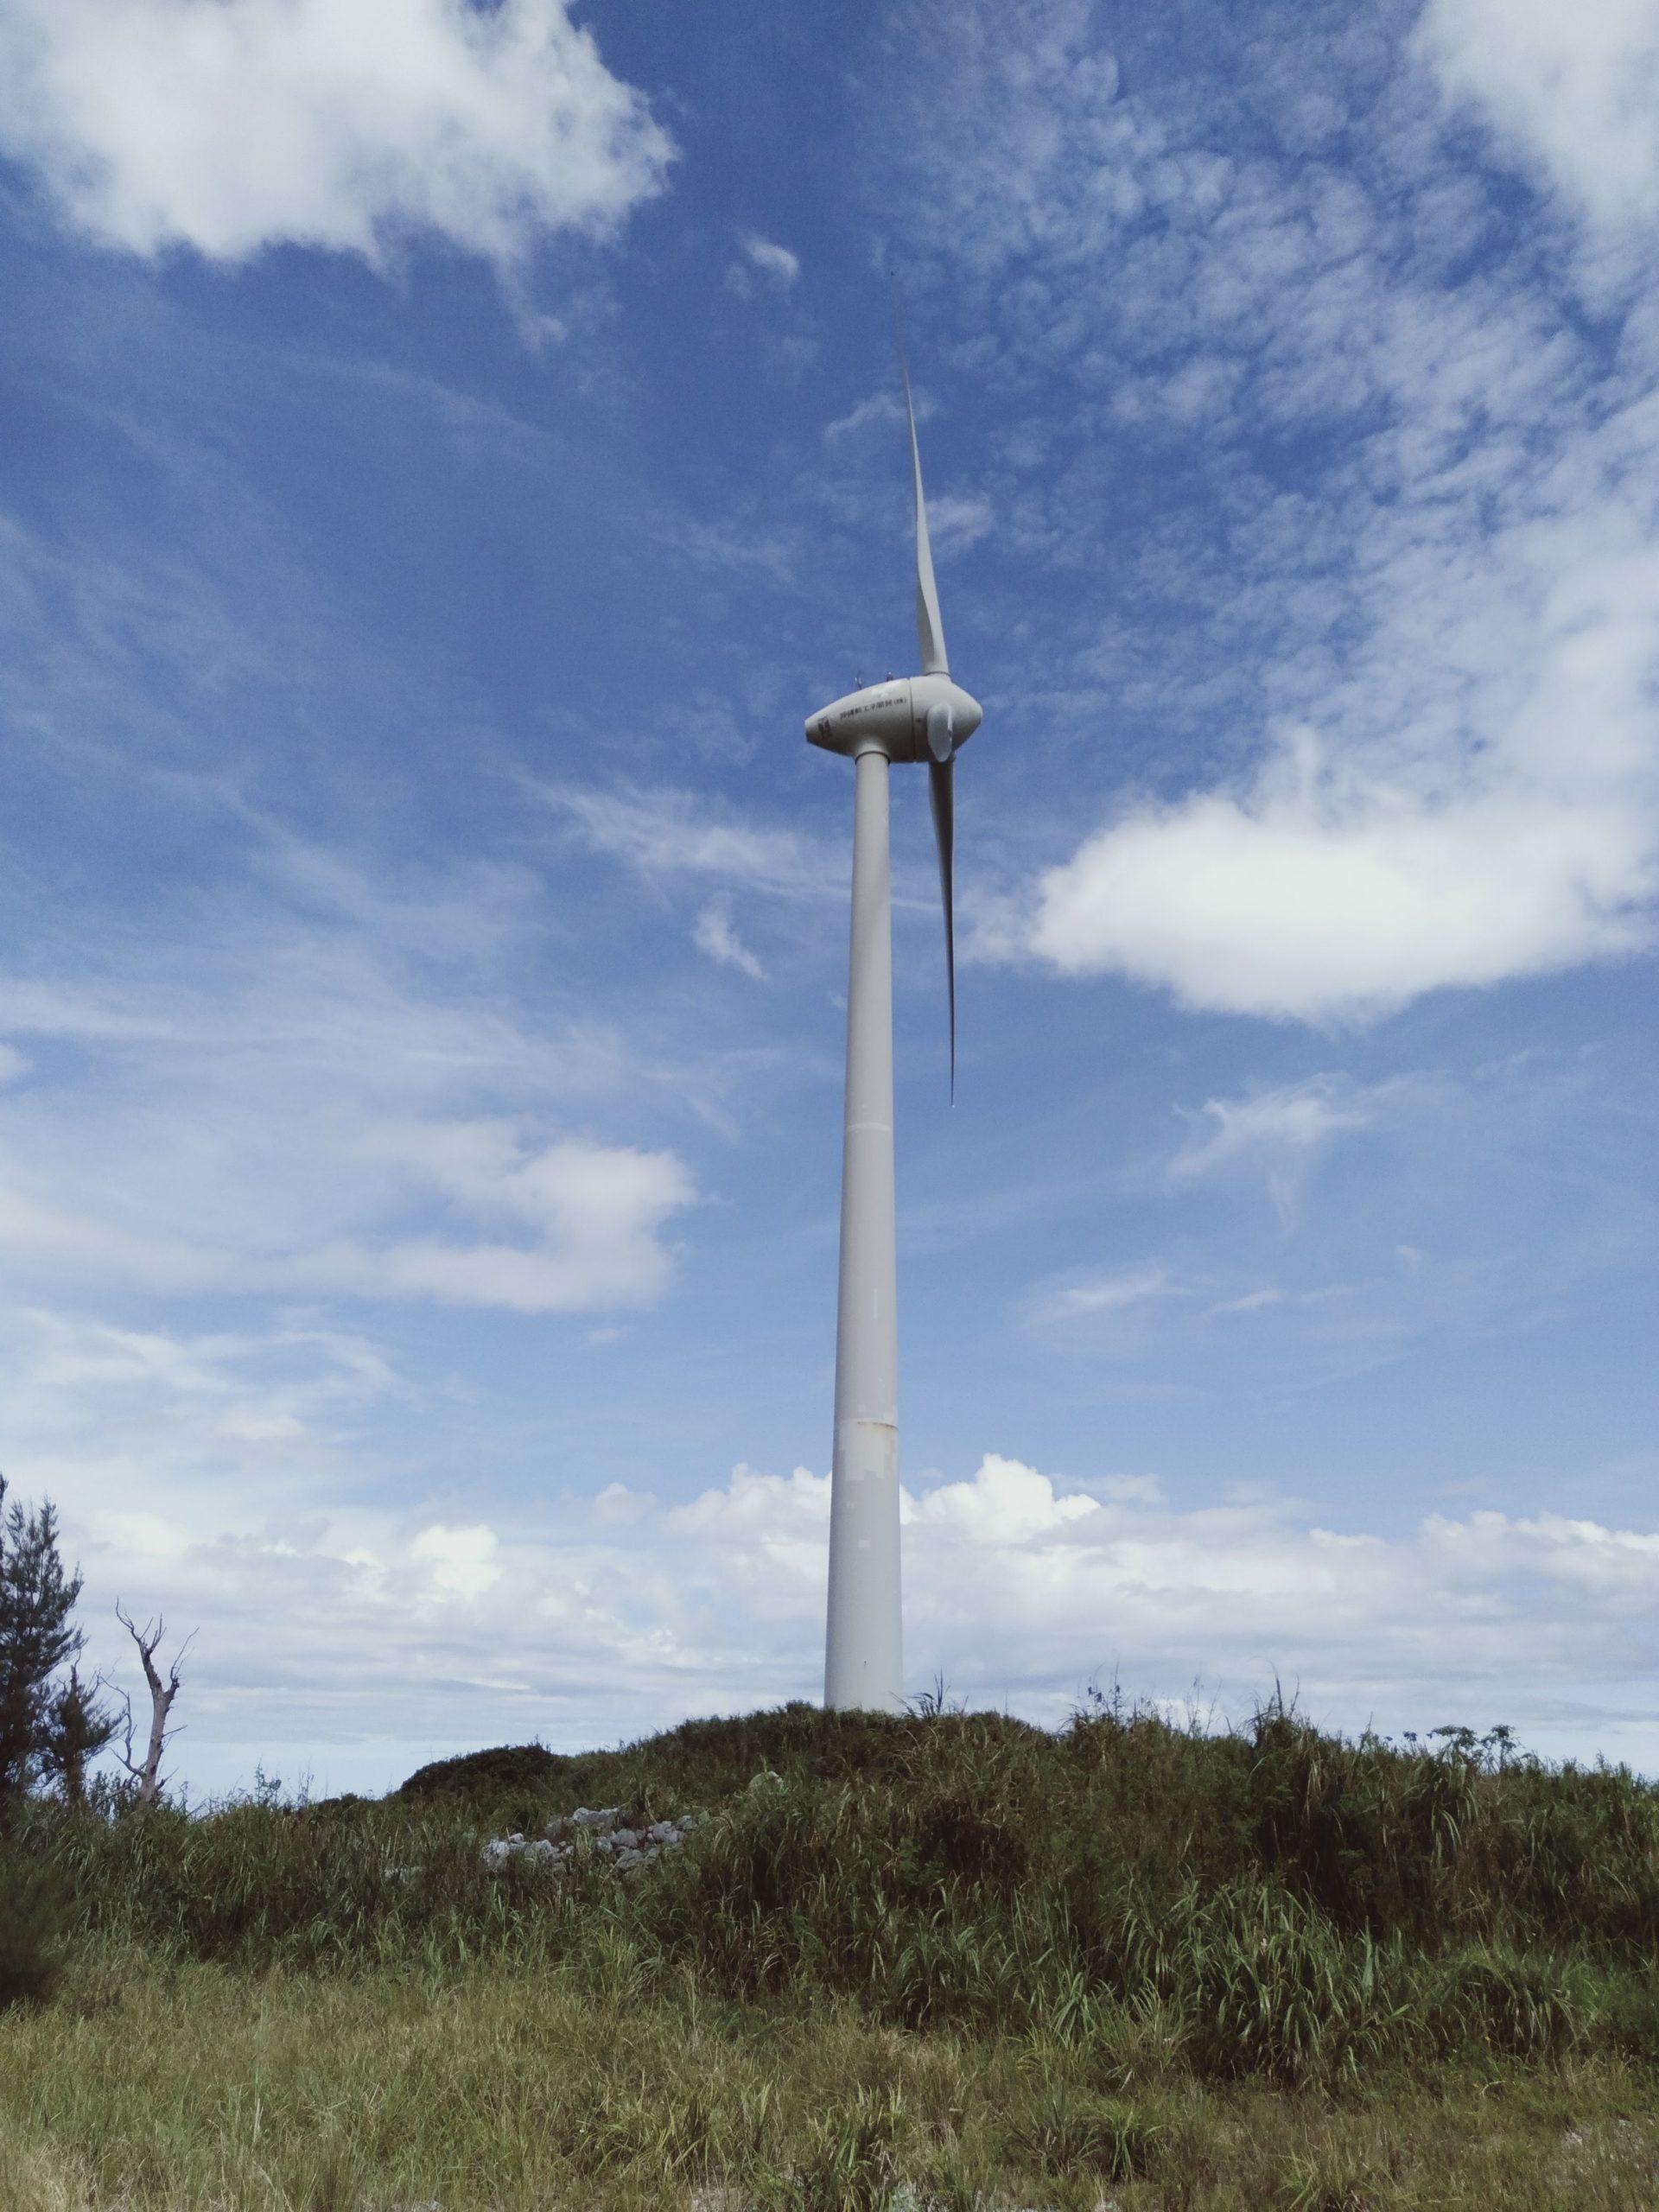 okinawa12-Wind-power generation